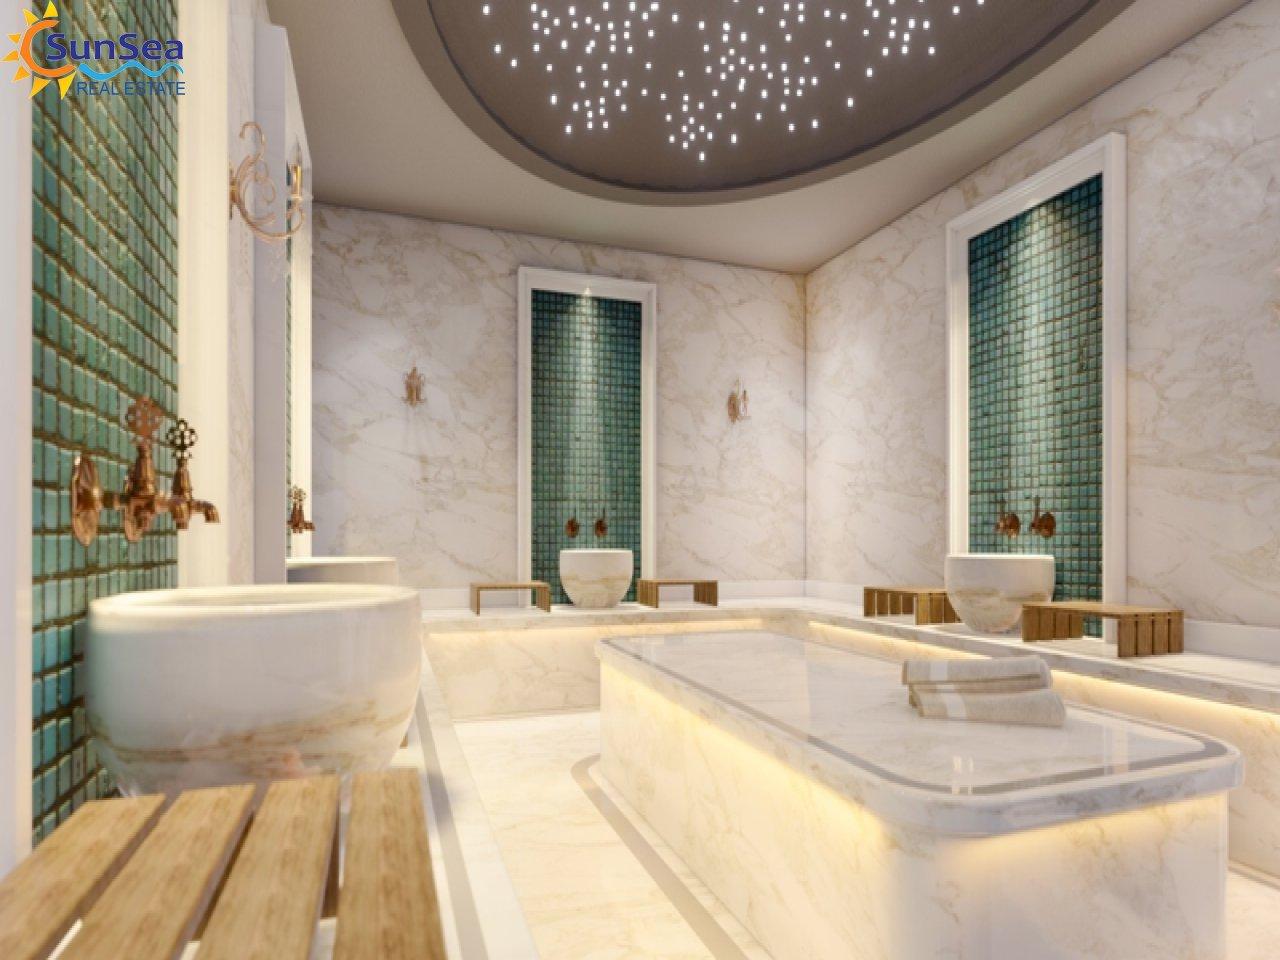 Oxopia Residence turkish bath